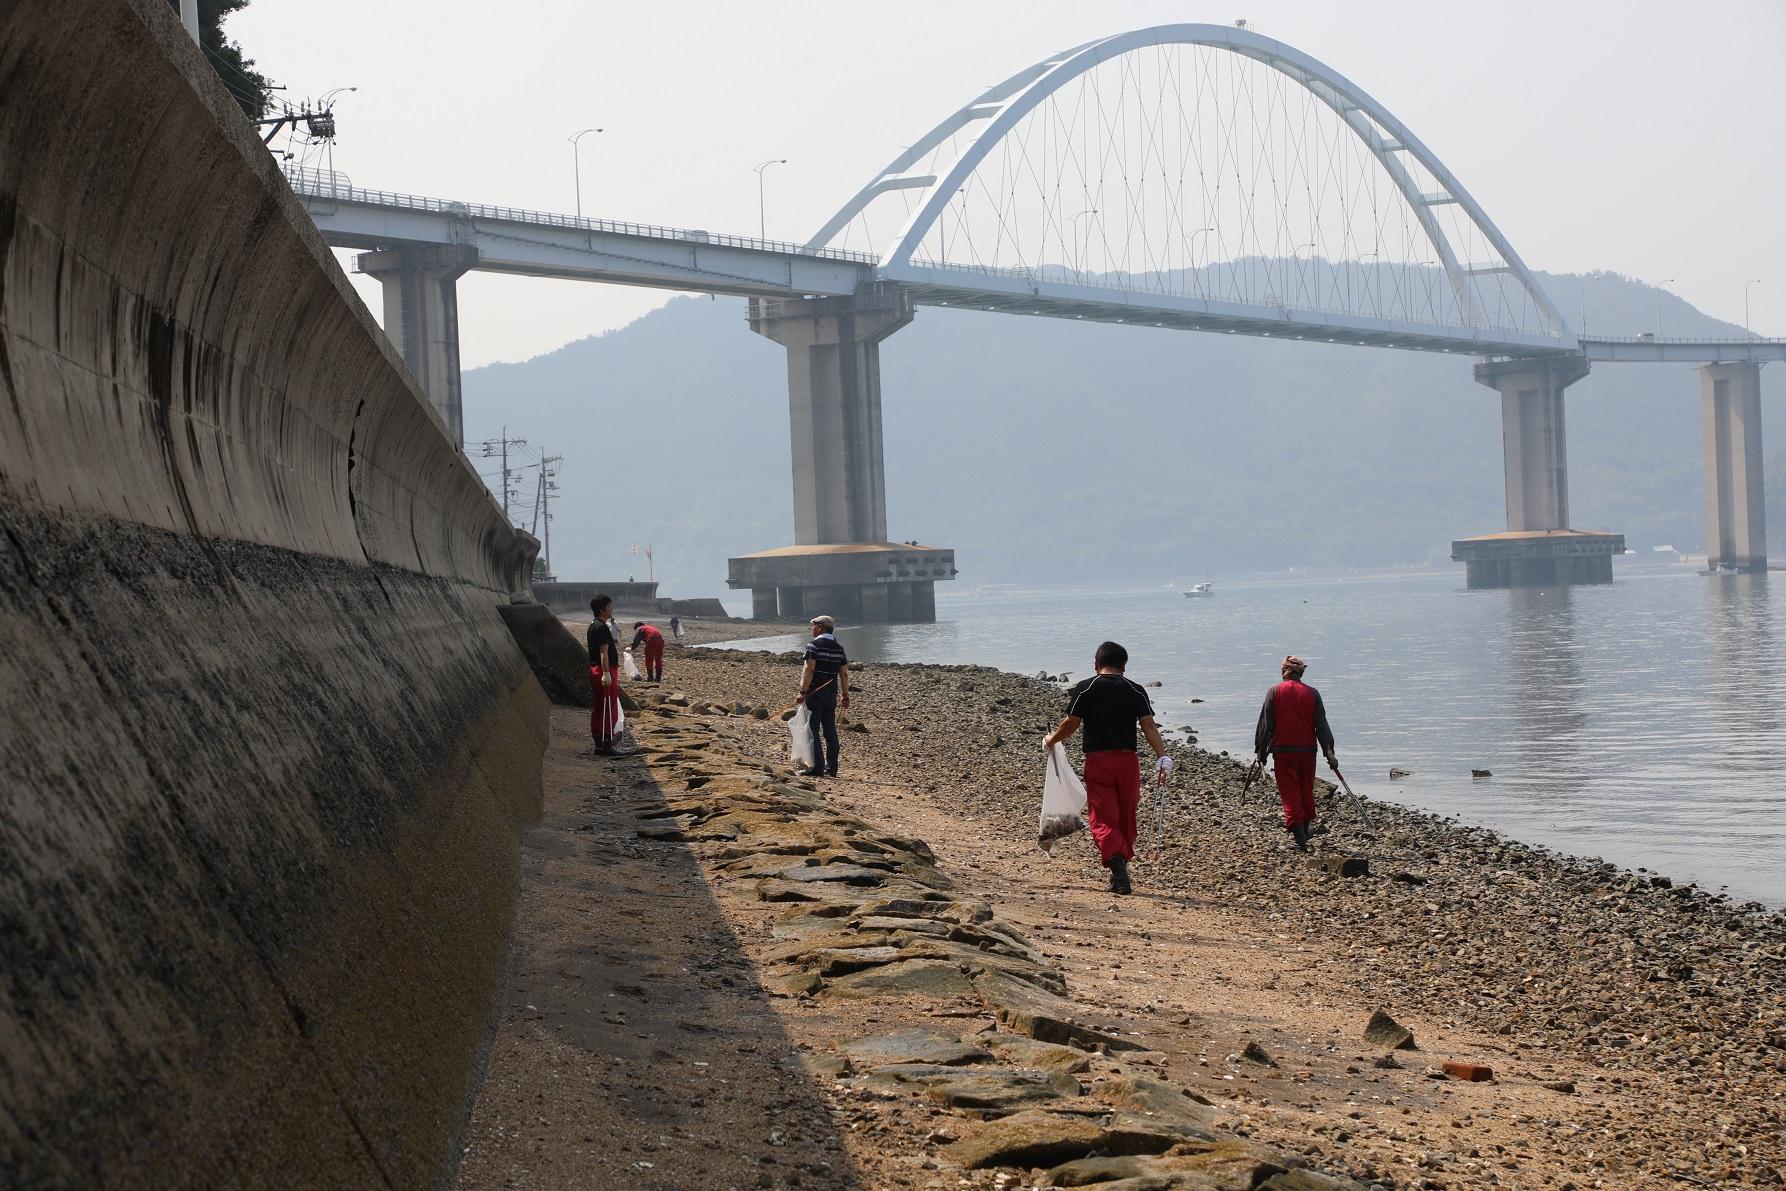 常石造船 海岸ボランティア清掃活動を実施